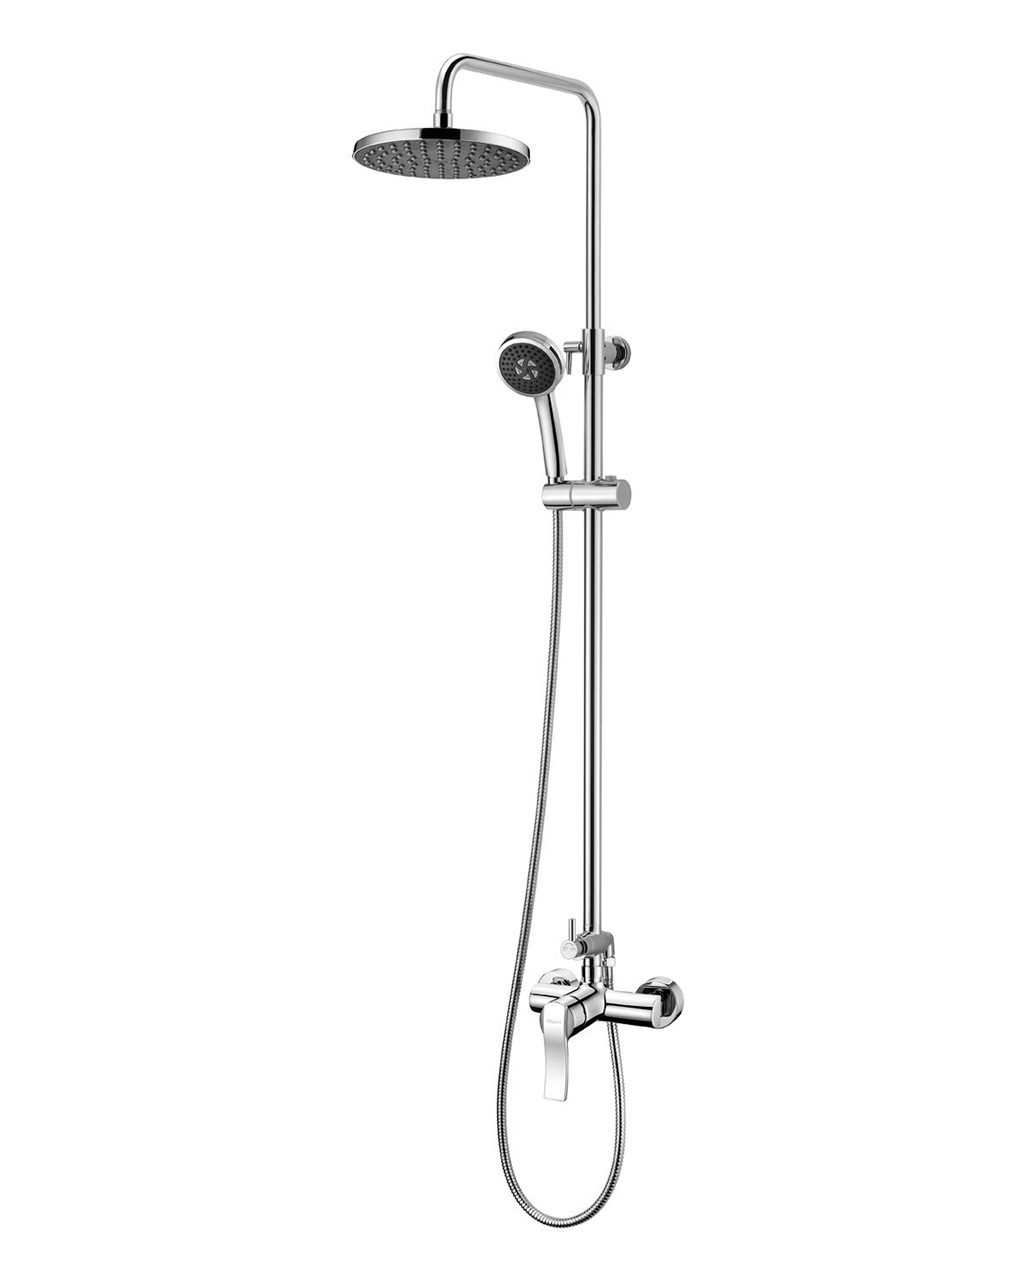 Смеситель Imprese NOVA VLNA (смеситель для душа, верхний и ручной душ, 3 режима, шланг 1,5м) T-15135